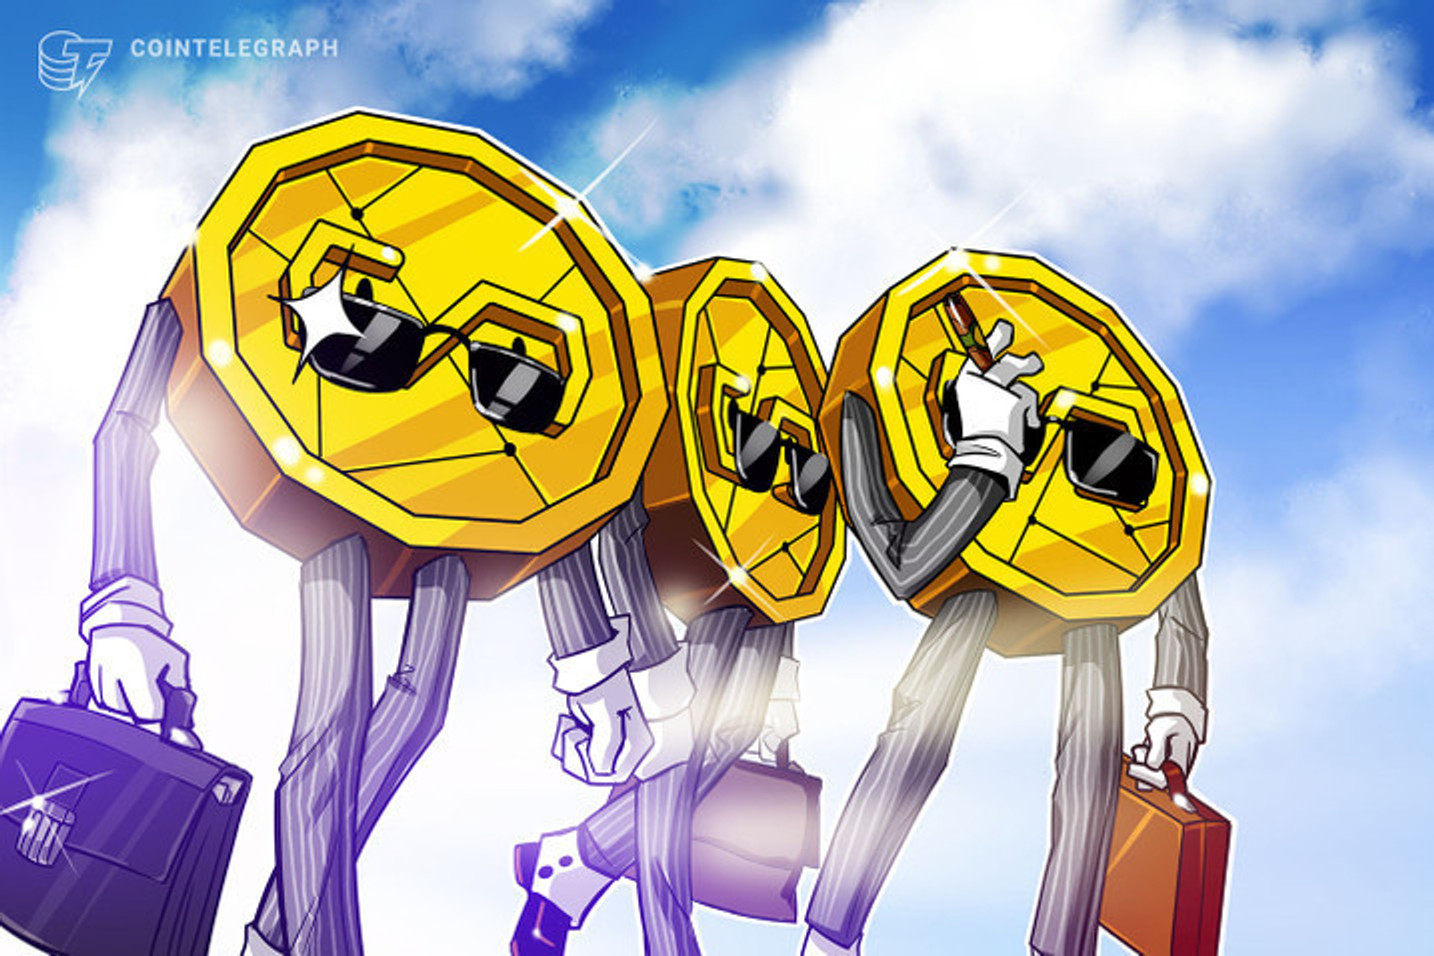 5 criptomoedas sobem até 460% e roubam a cena no mercado enquanto Bitcoin (BTC) cresce 6,24%